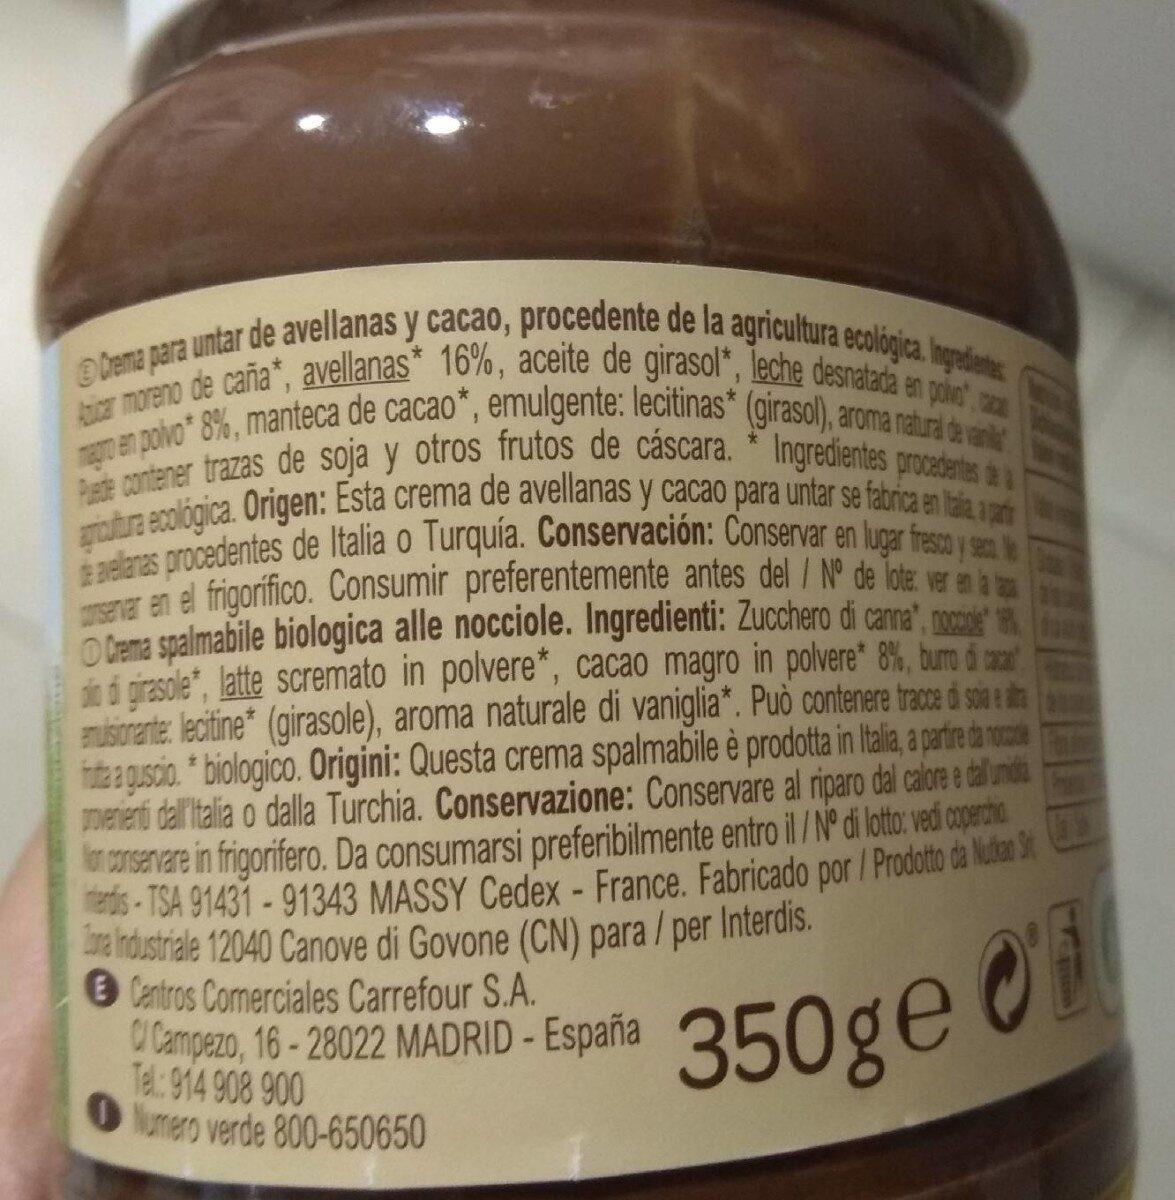 Crema de avellanas y cacao - Voedingswaarden - es